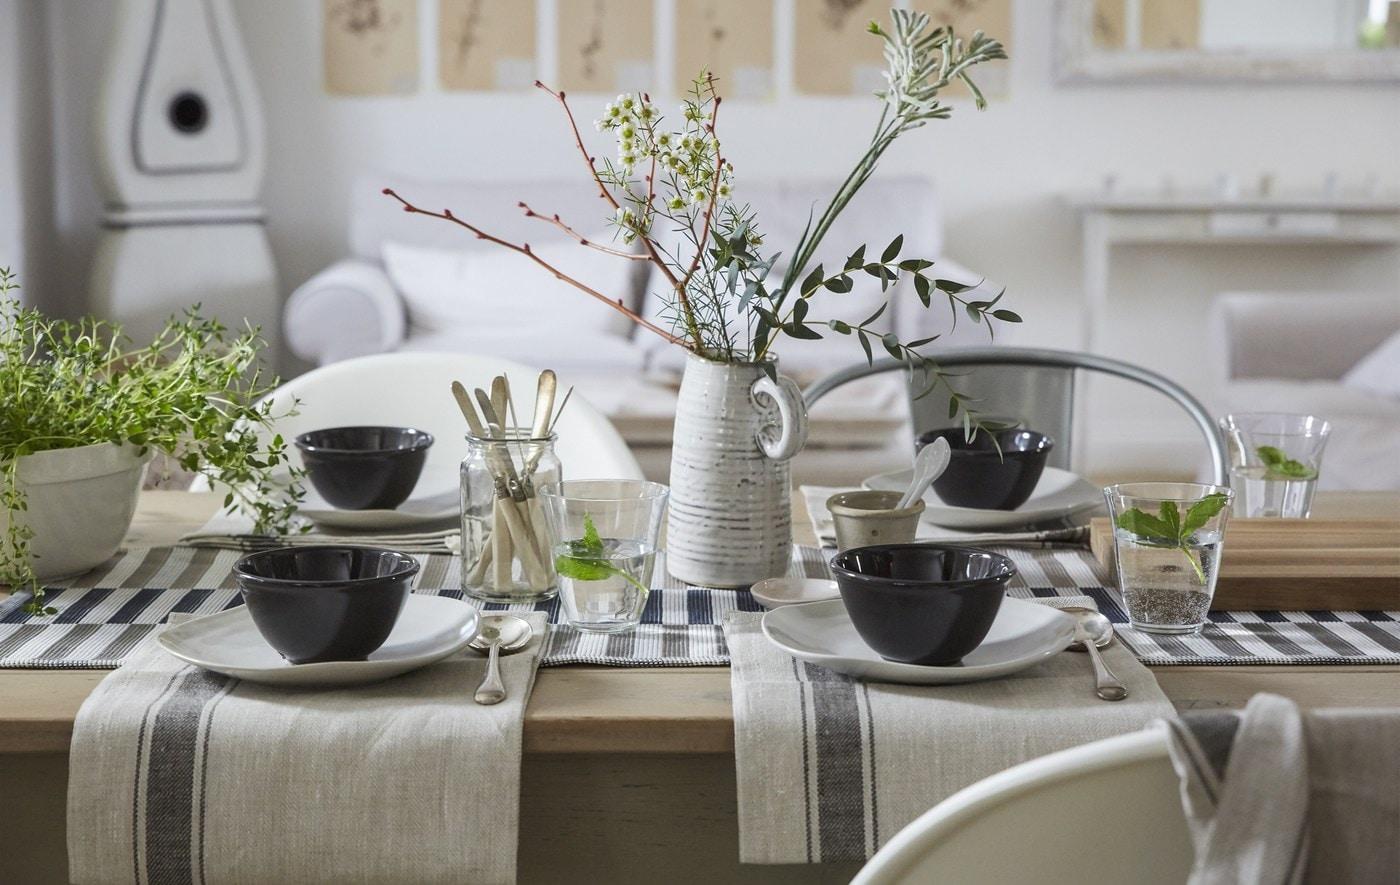 Table habillée de couleurs neutres, de serviettes en coton et d'une pièce centrale naturelle